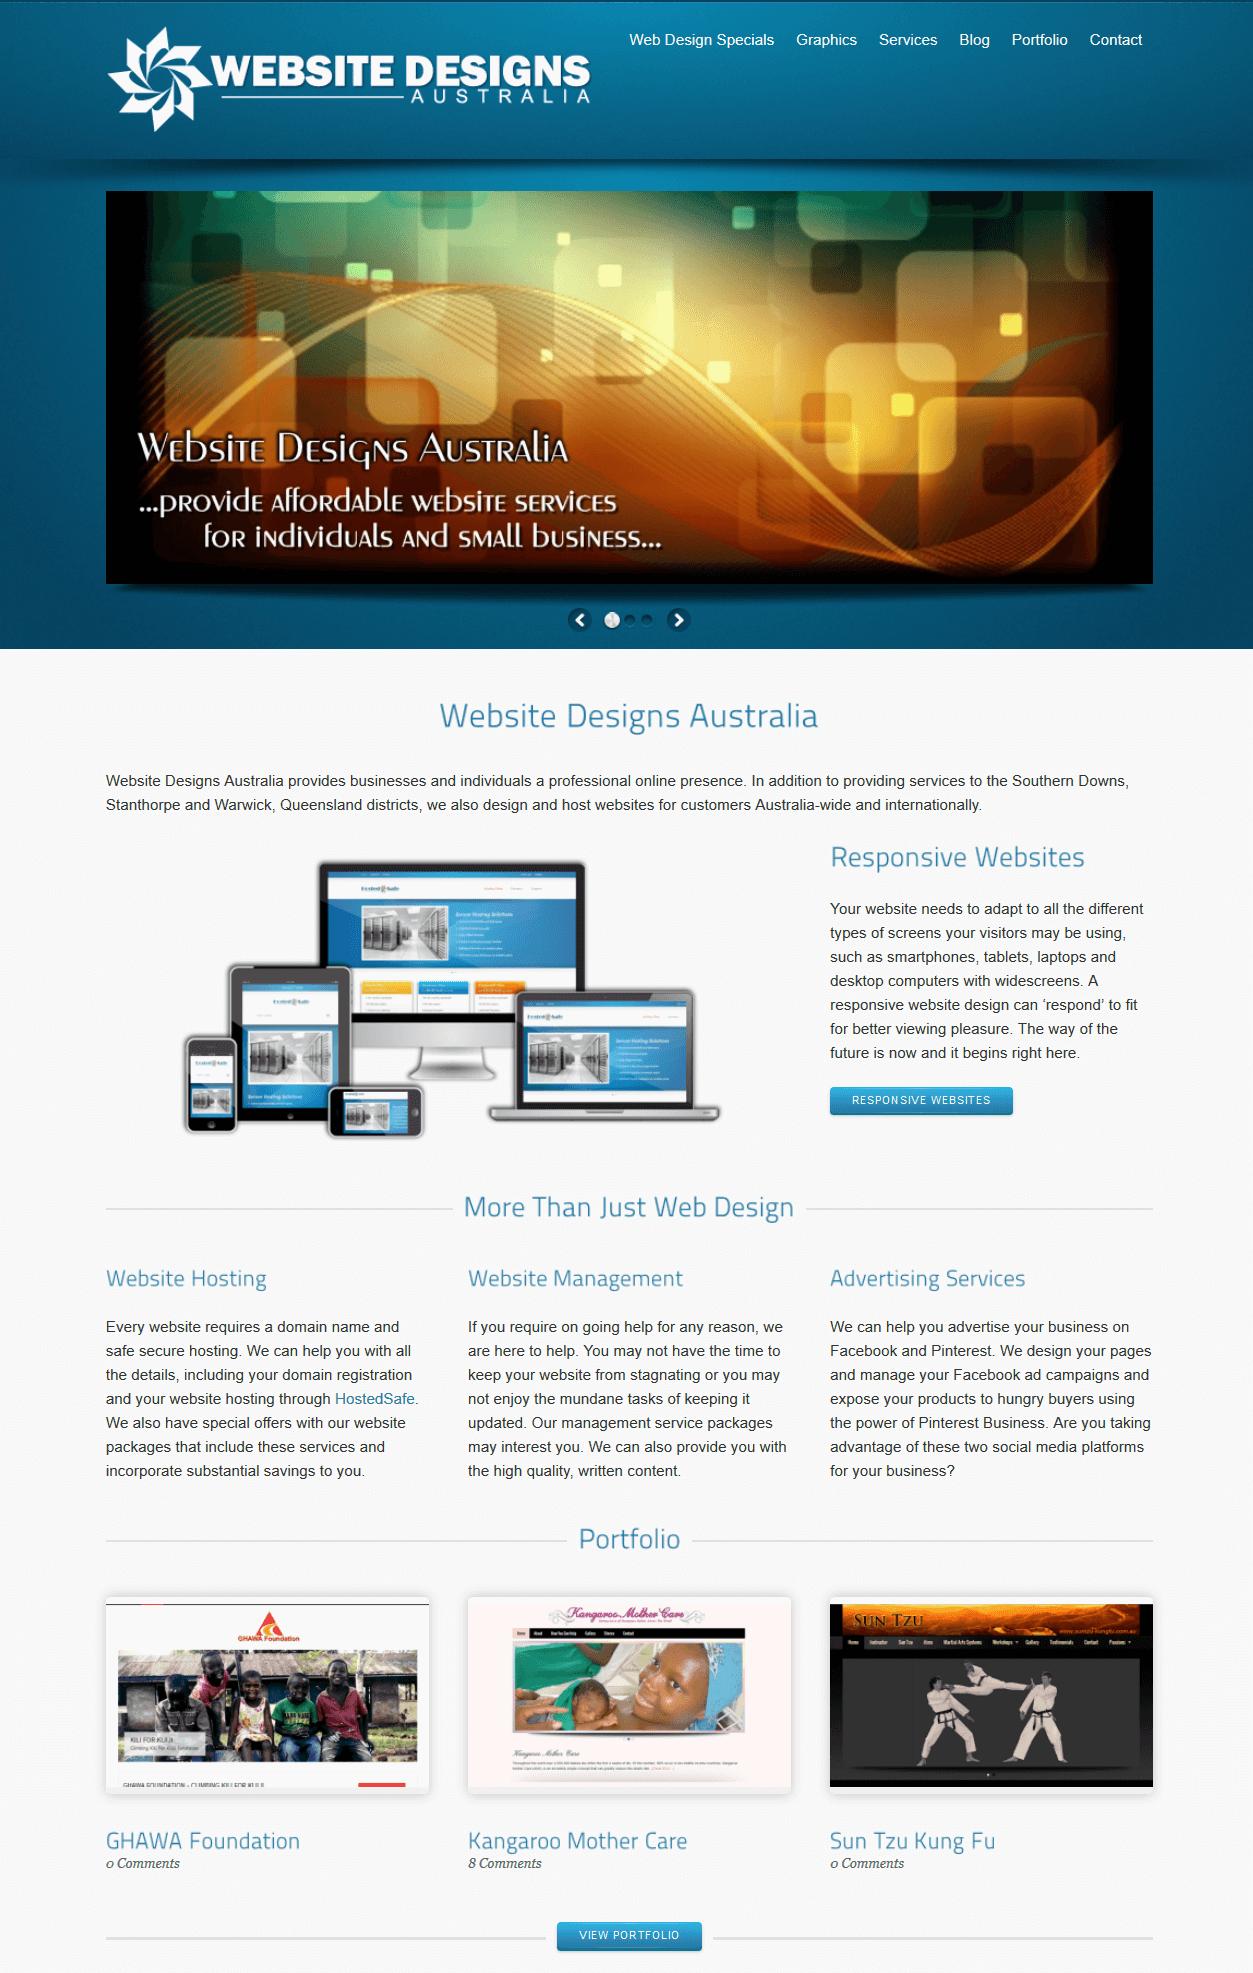 Website Designs Australia 2011